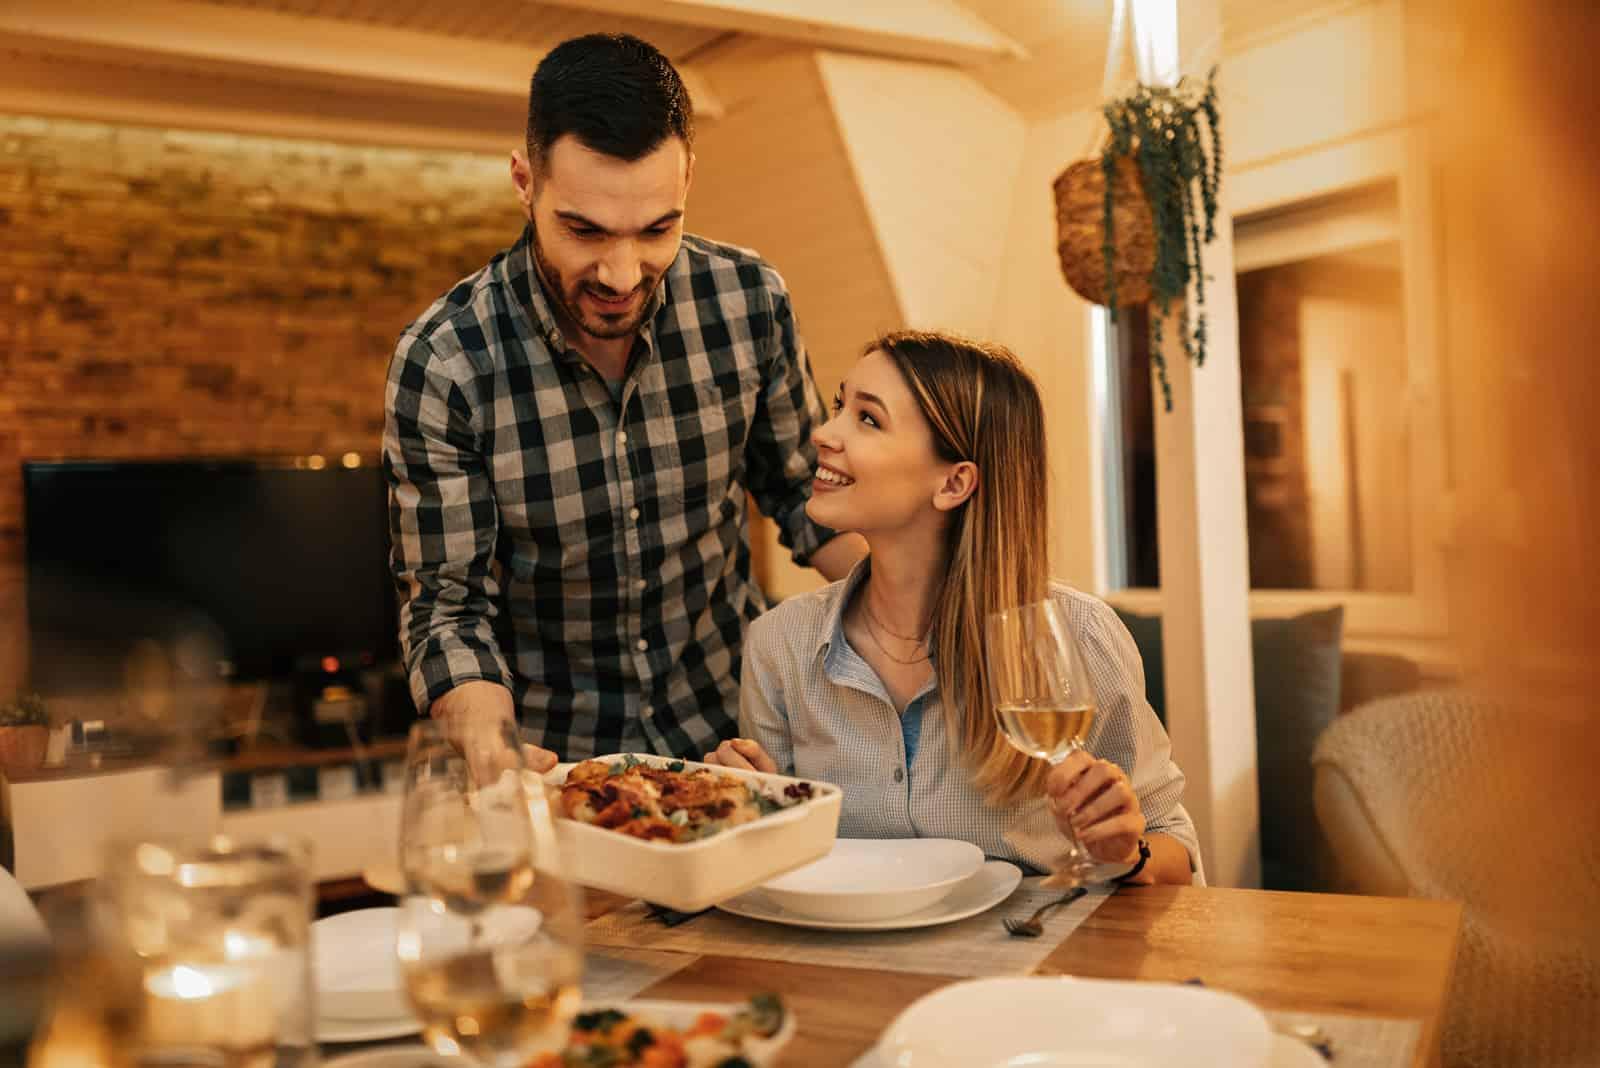 un homme et une femme dînent à la maison